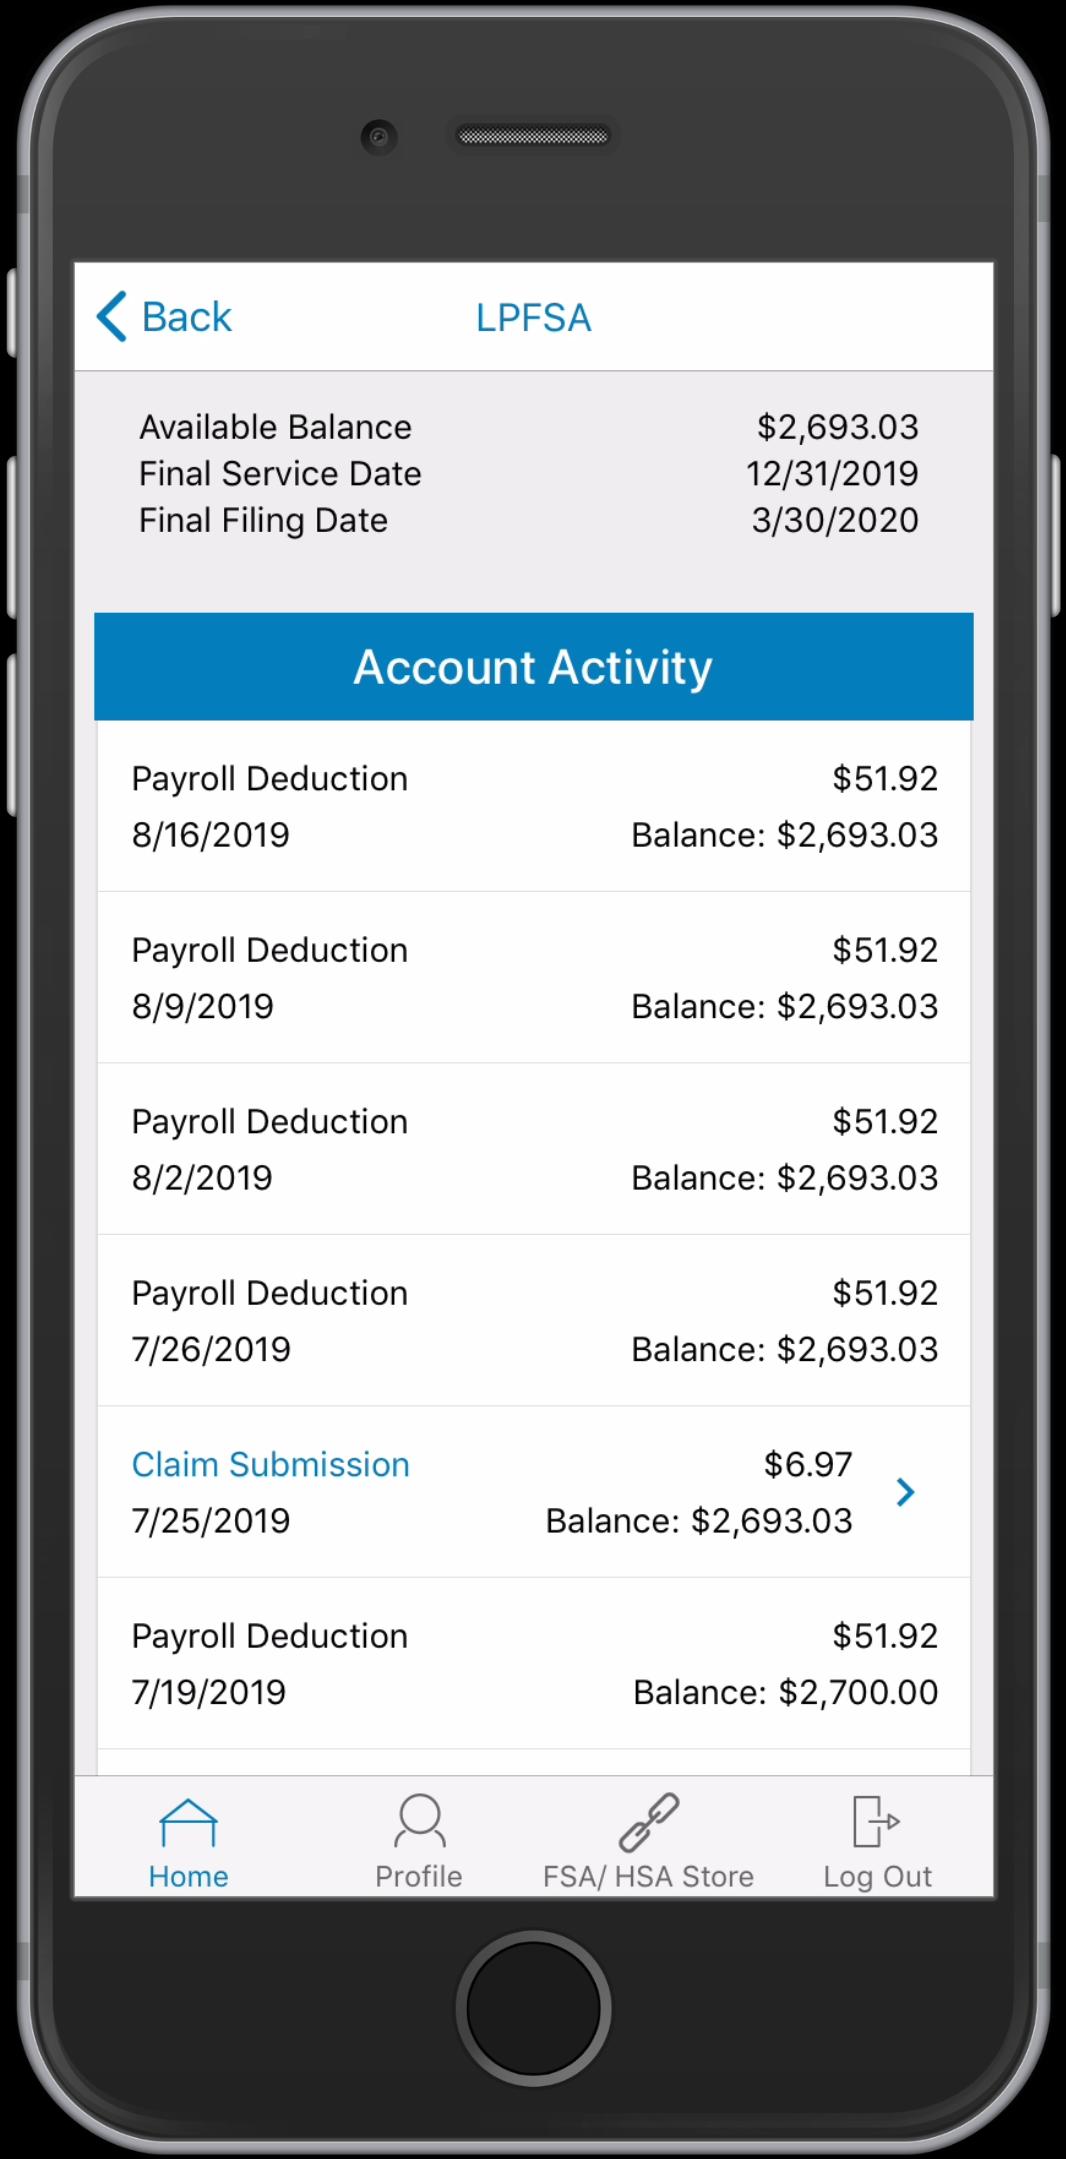 WEX Health Cloud Mobile App_LPFSA Account